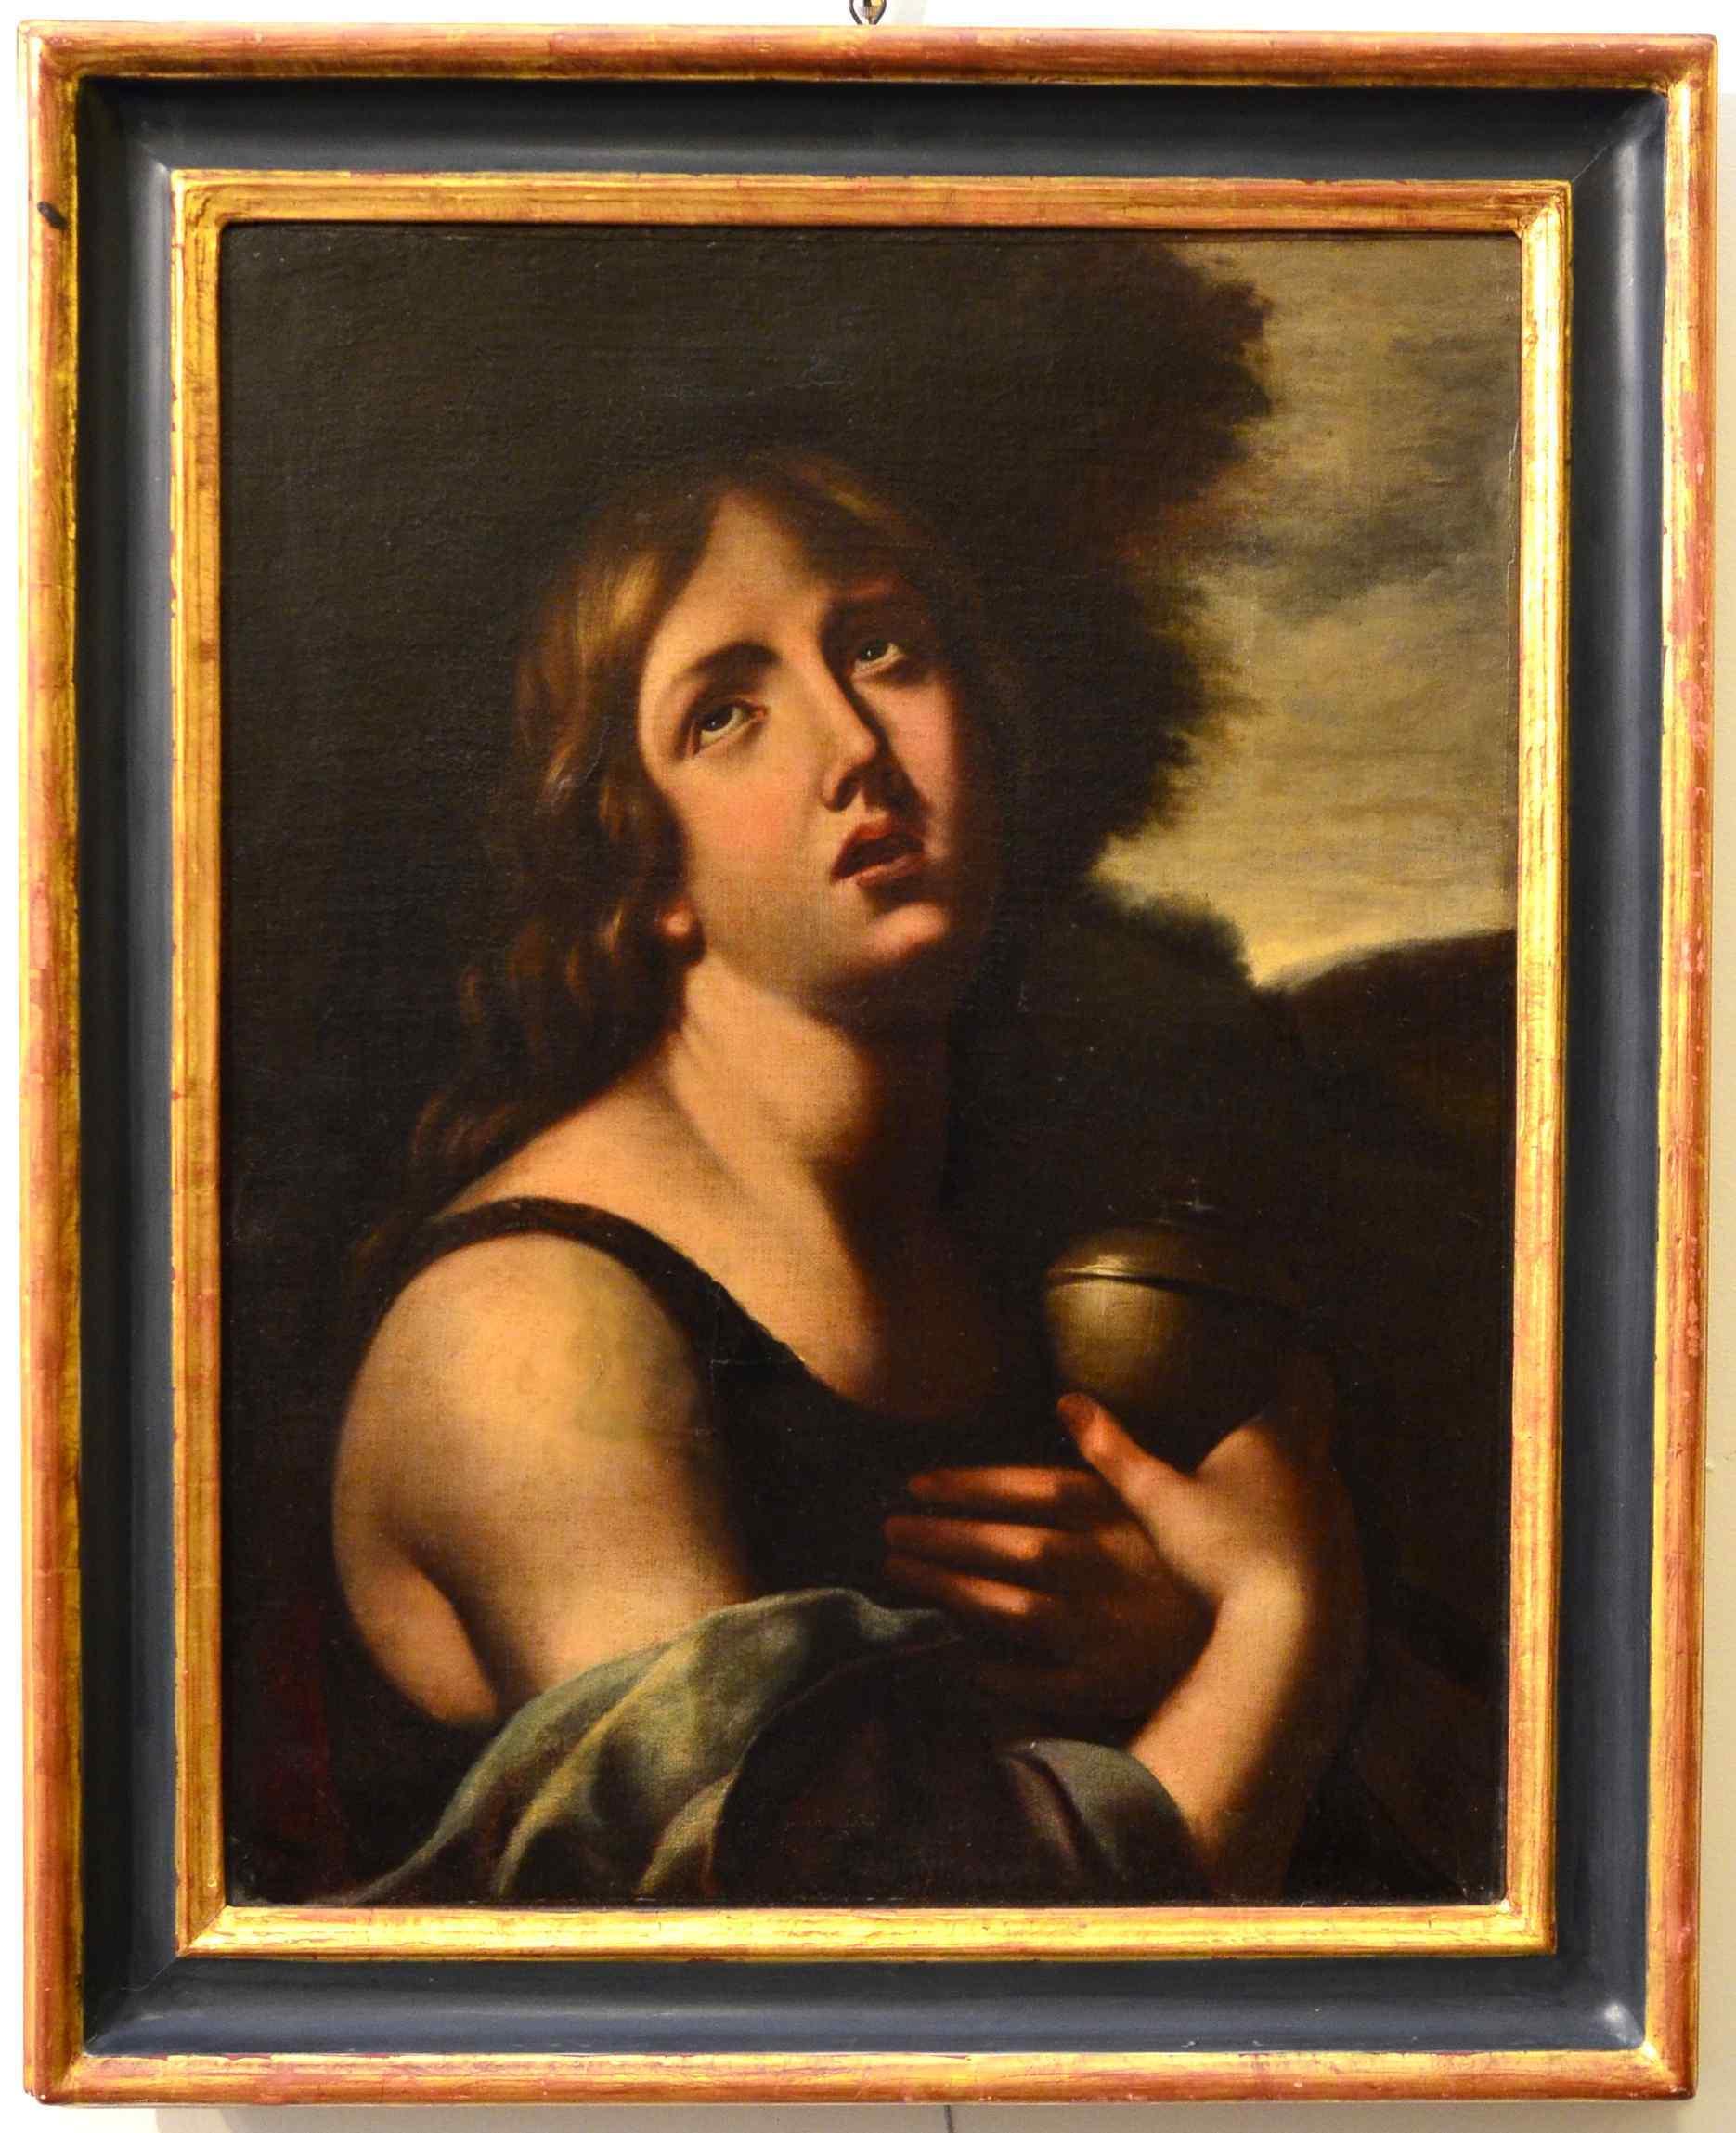 école bolognaise du XVIIe siècle, cercle de Guido Reni